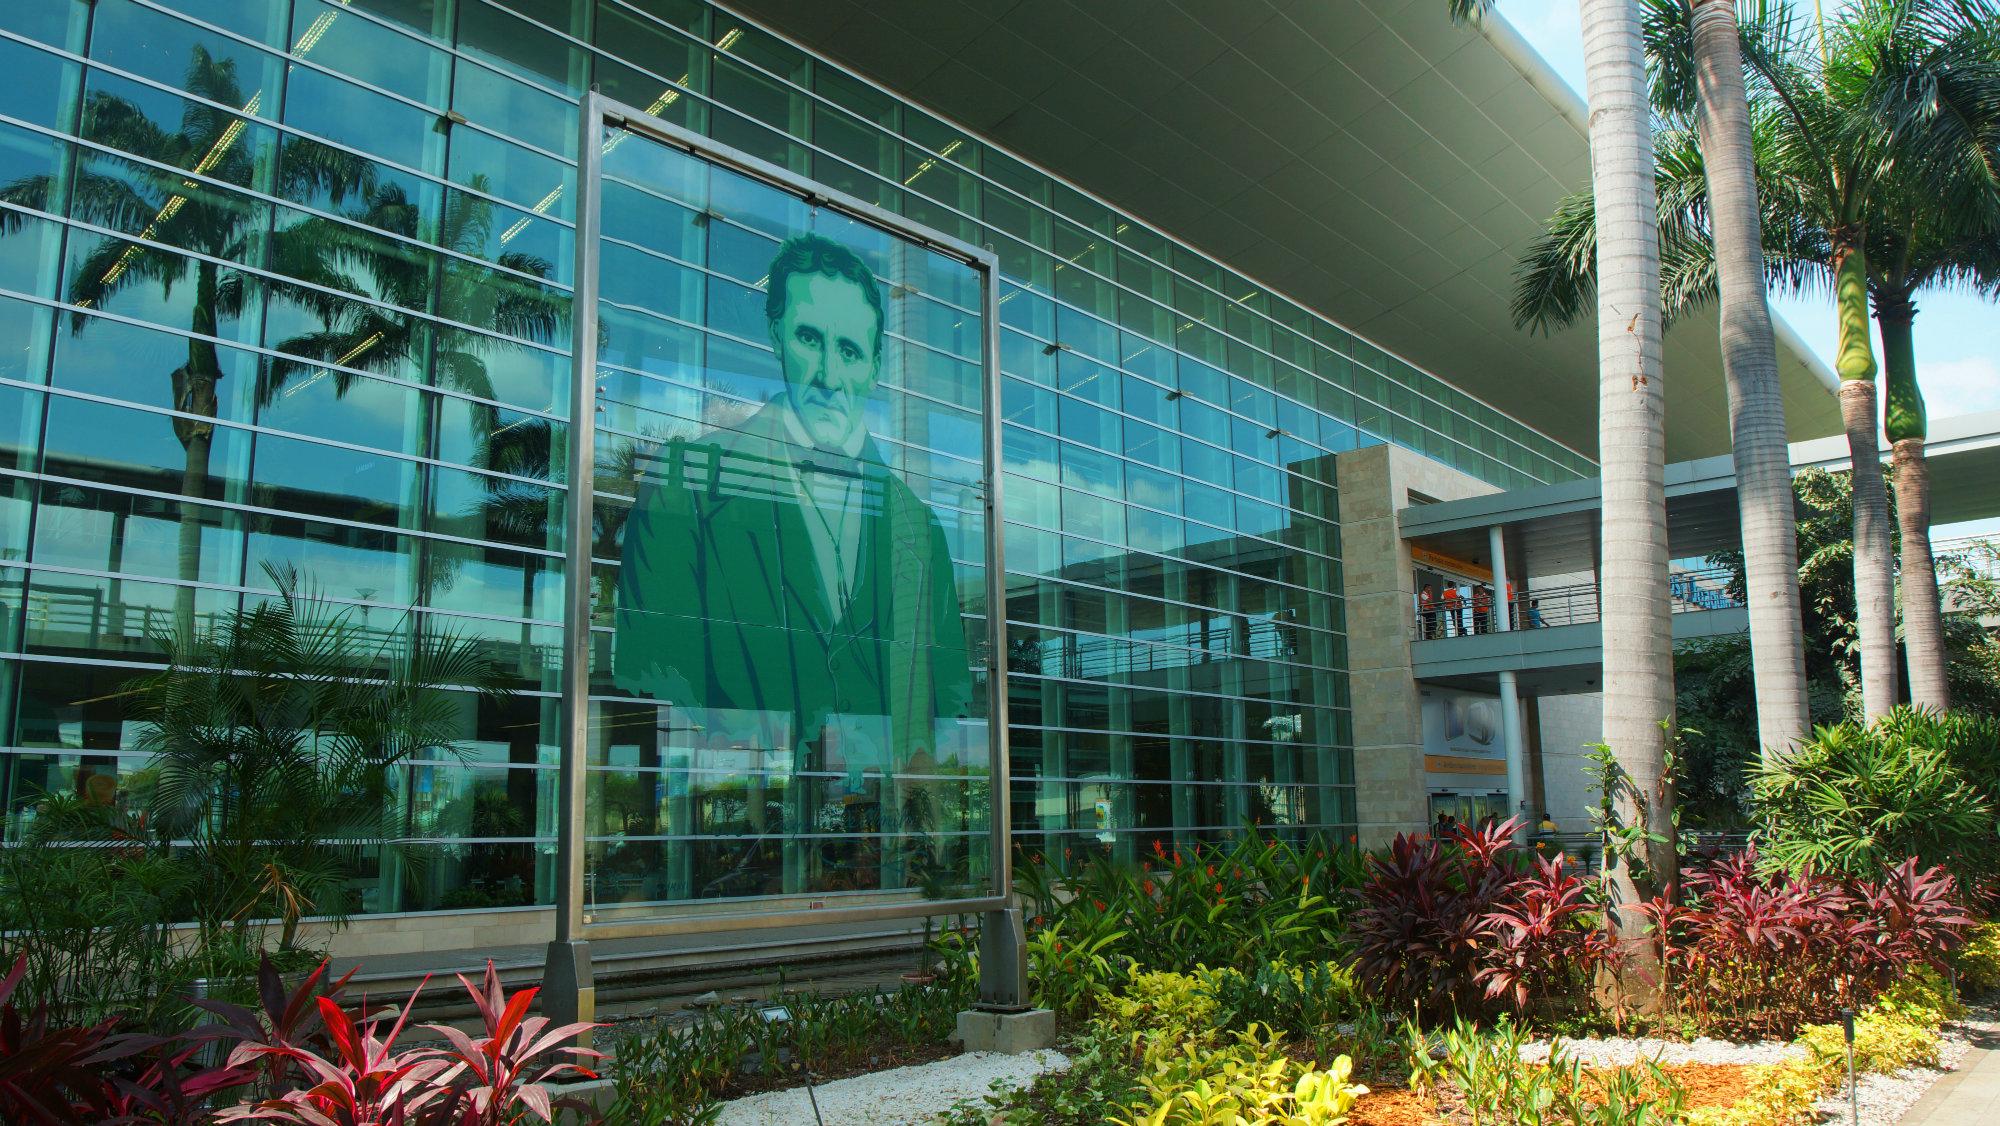 La primera estación que nos recibe en Guayaquil es el Aeropuerto Internacional José Joaquín de Olmedo. Fue nombrado así en honor al poeta y prócer guayaquileño, primer alcalde que tuvo la ciudad. Foto: Alejo Miranda-Shutterstock